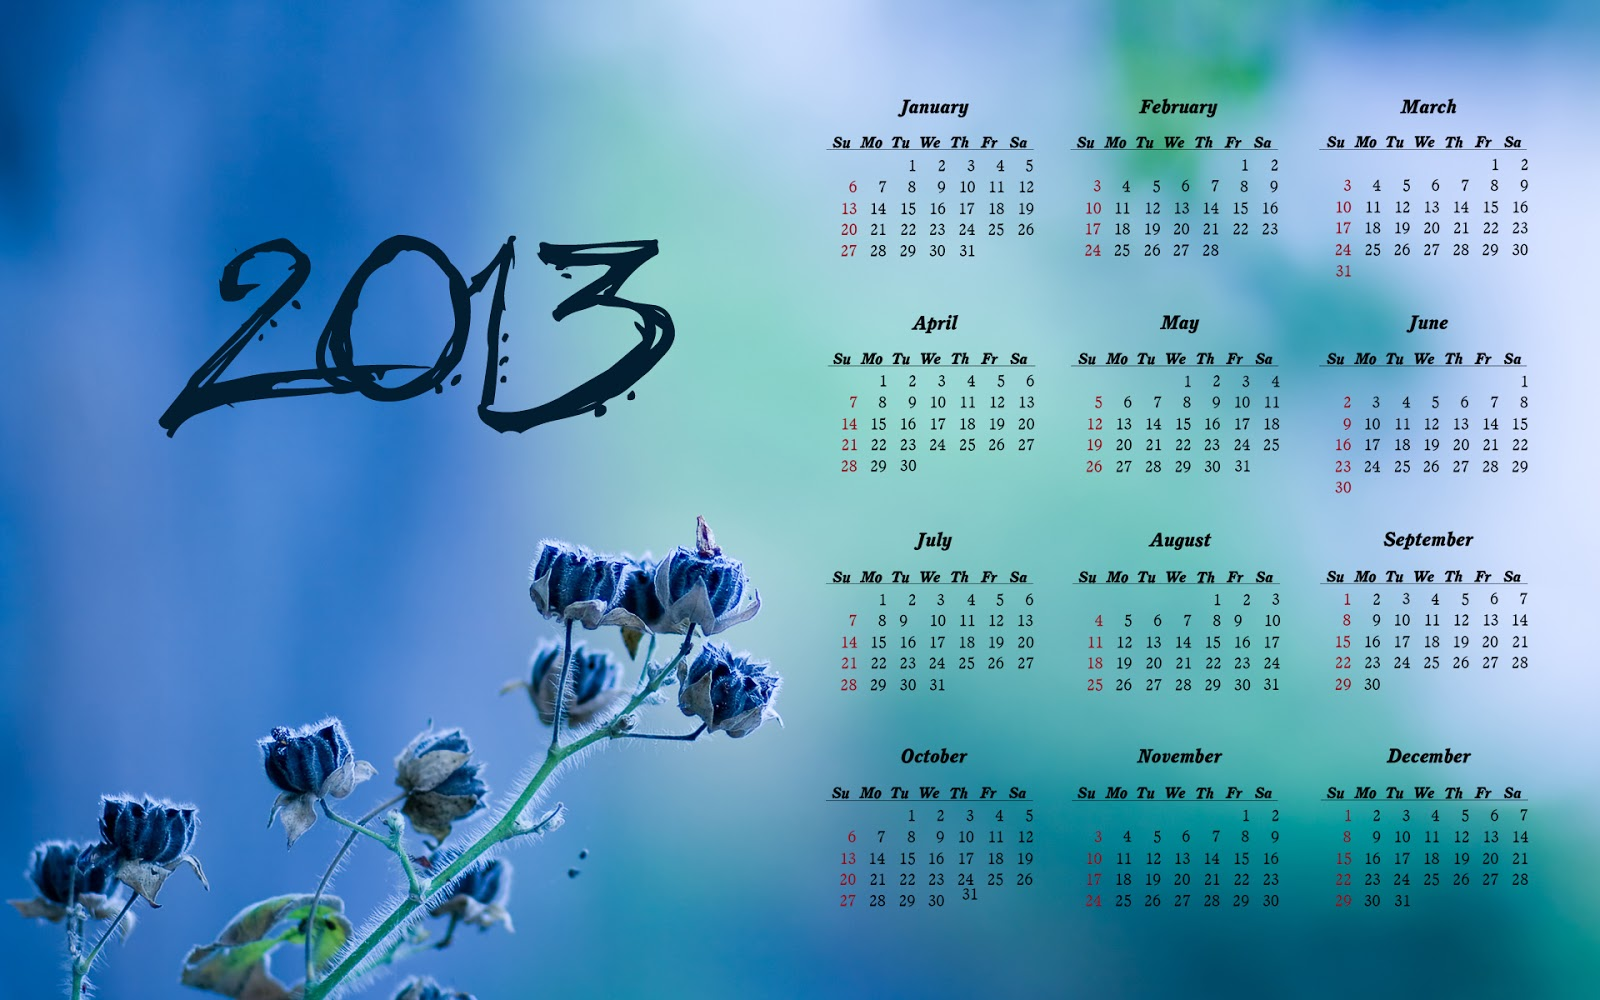 Free Desktop Wallpaper Calendar - WallpaperSafari